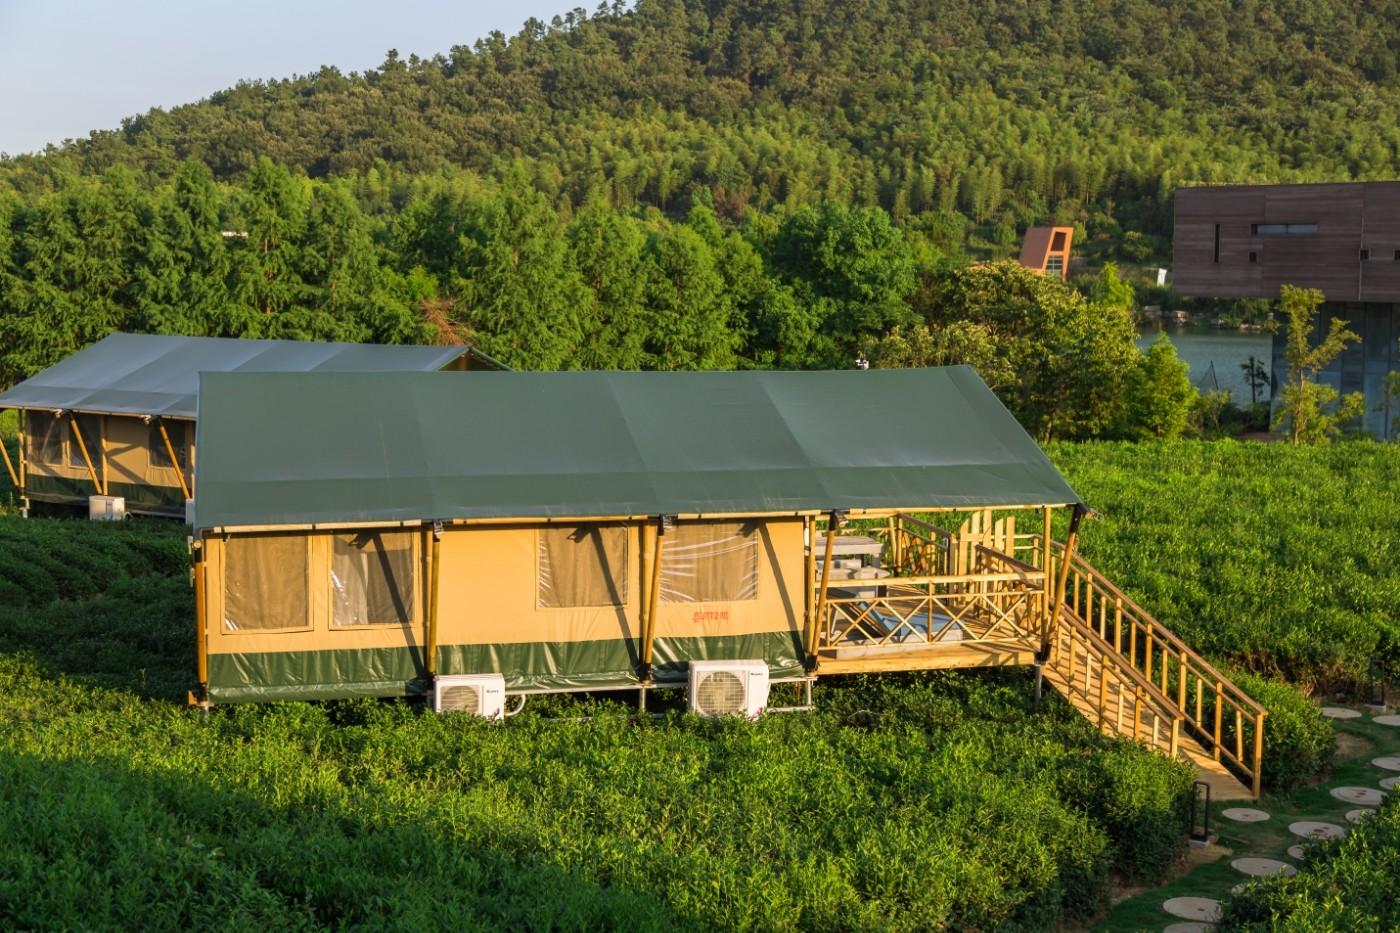 江苏常州茅山宝盛园坡地帐篷酒店9